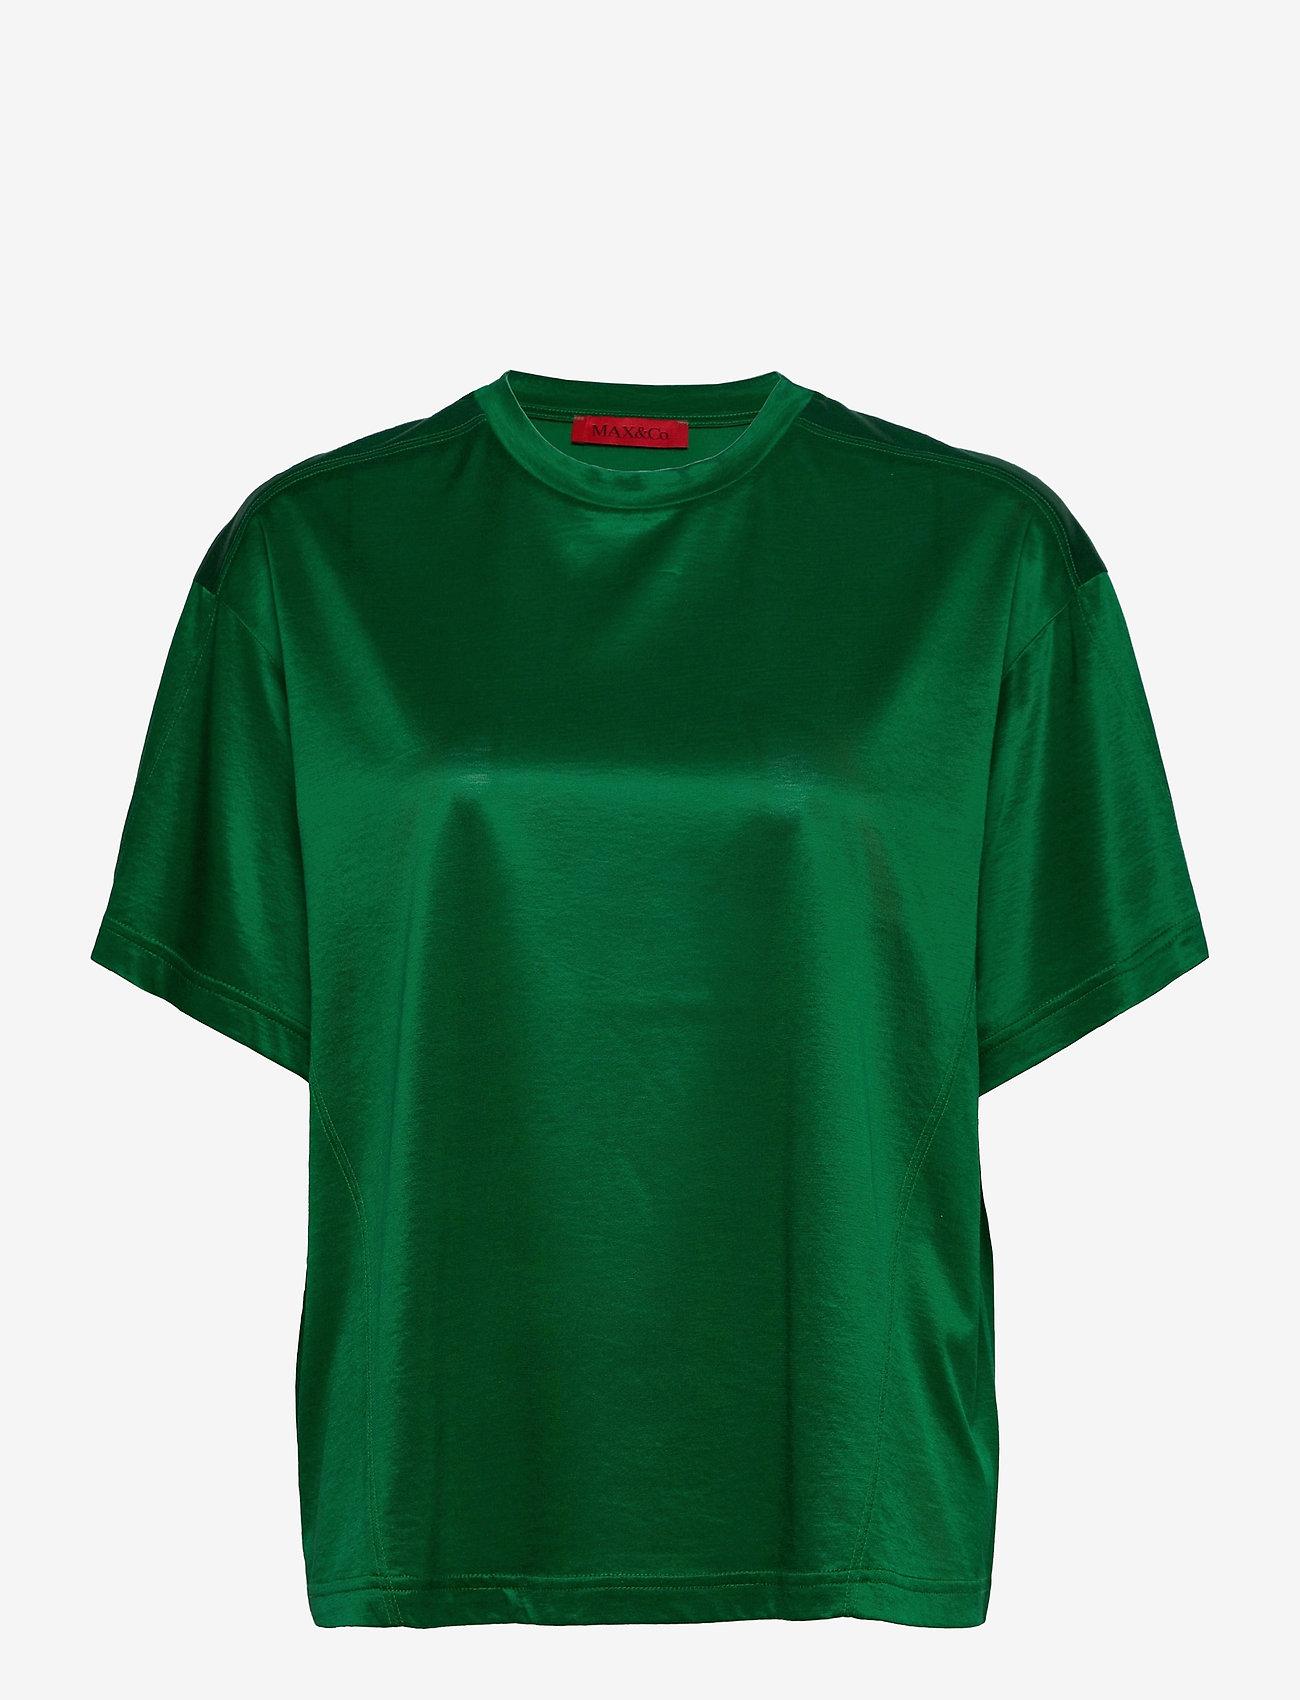 Max&Co. - DARIA - blouses met korte mouwen - green - 0